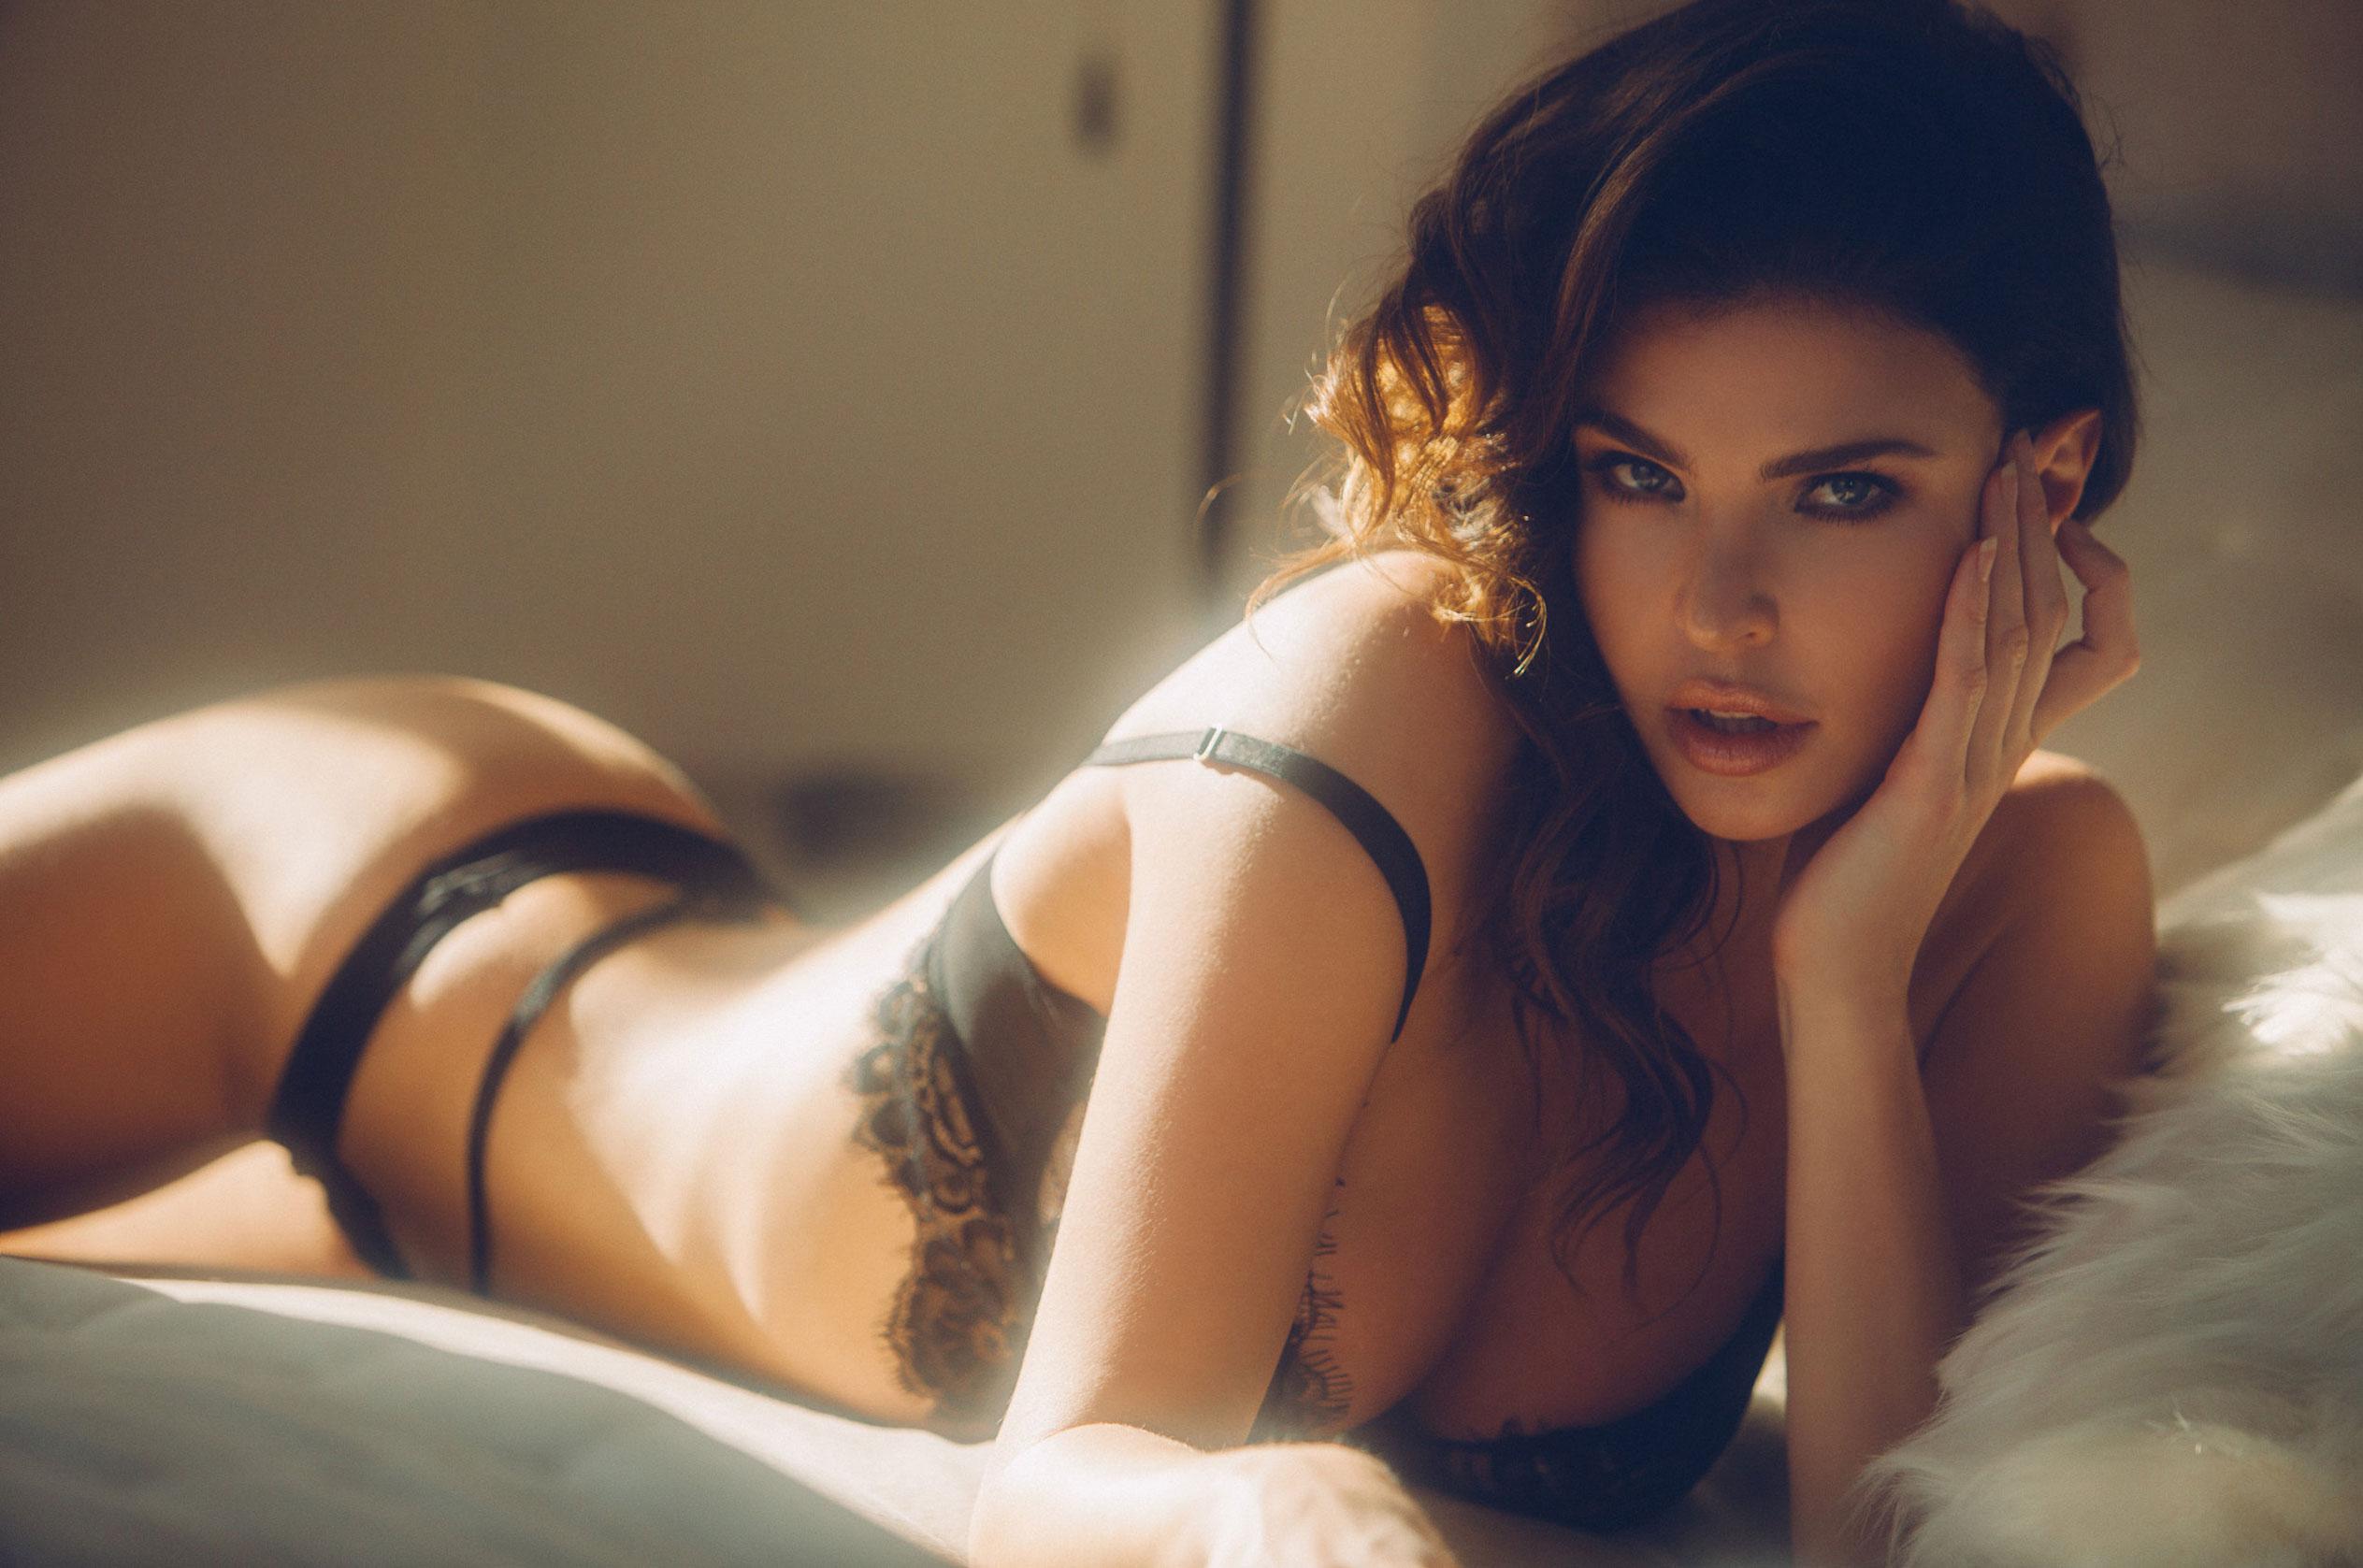 Юлия Лескова в люксовом французском нижнем белье / фото 08